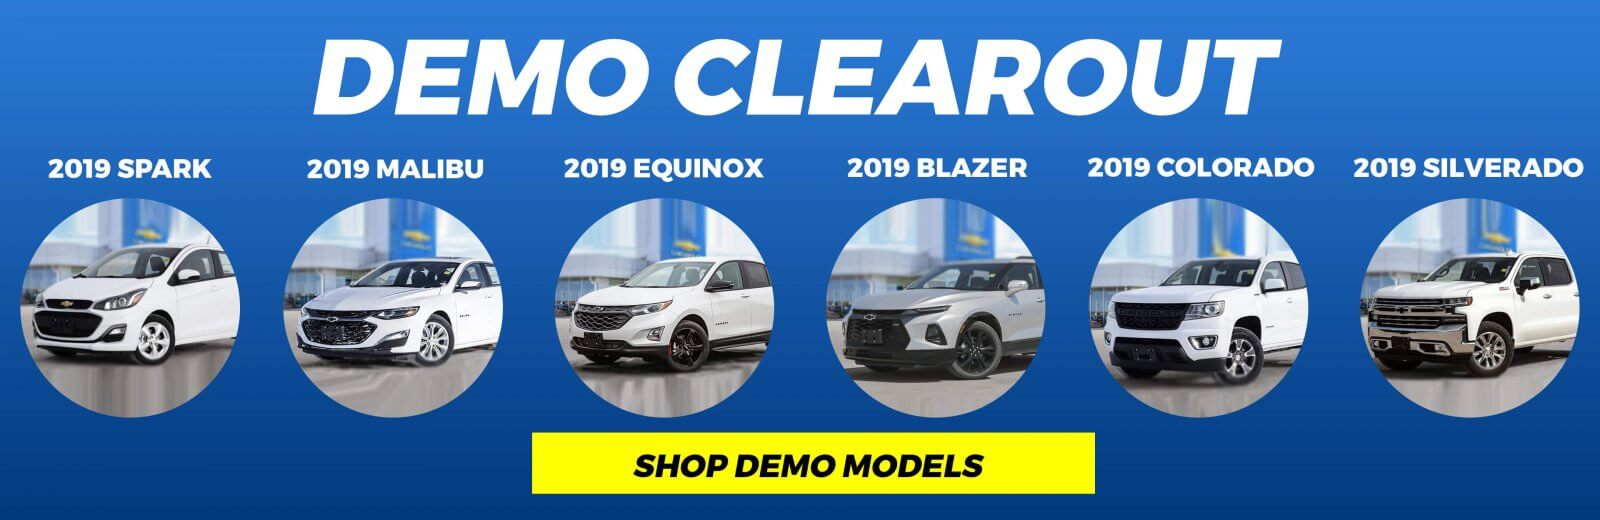 Murray Chevrolet Demos